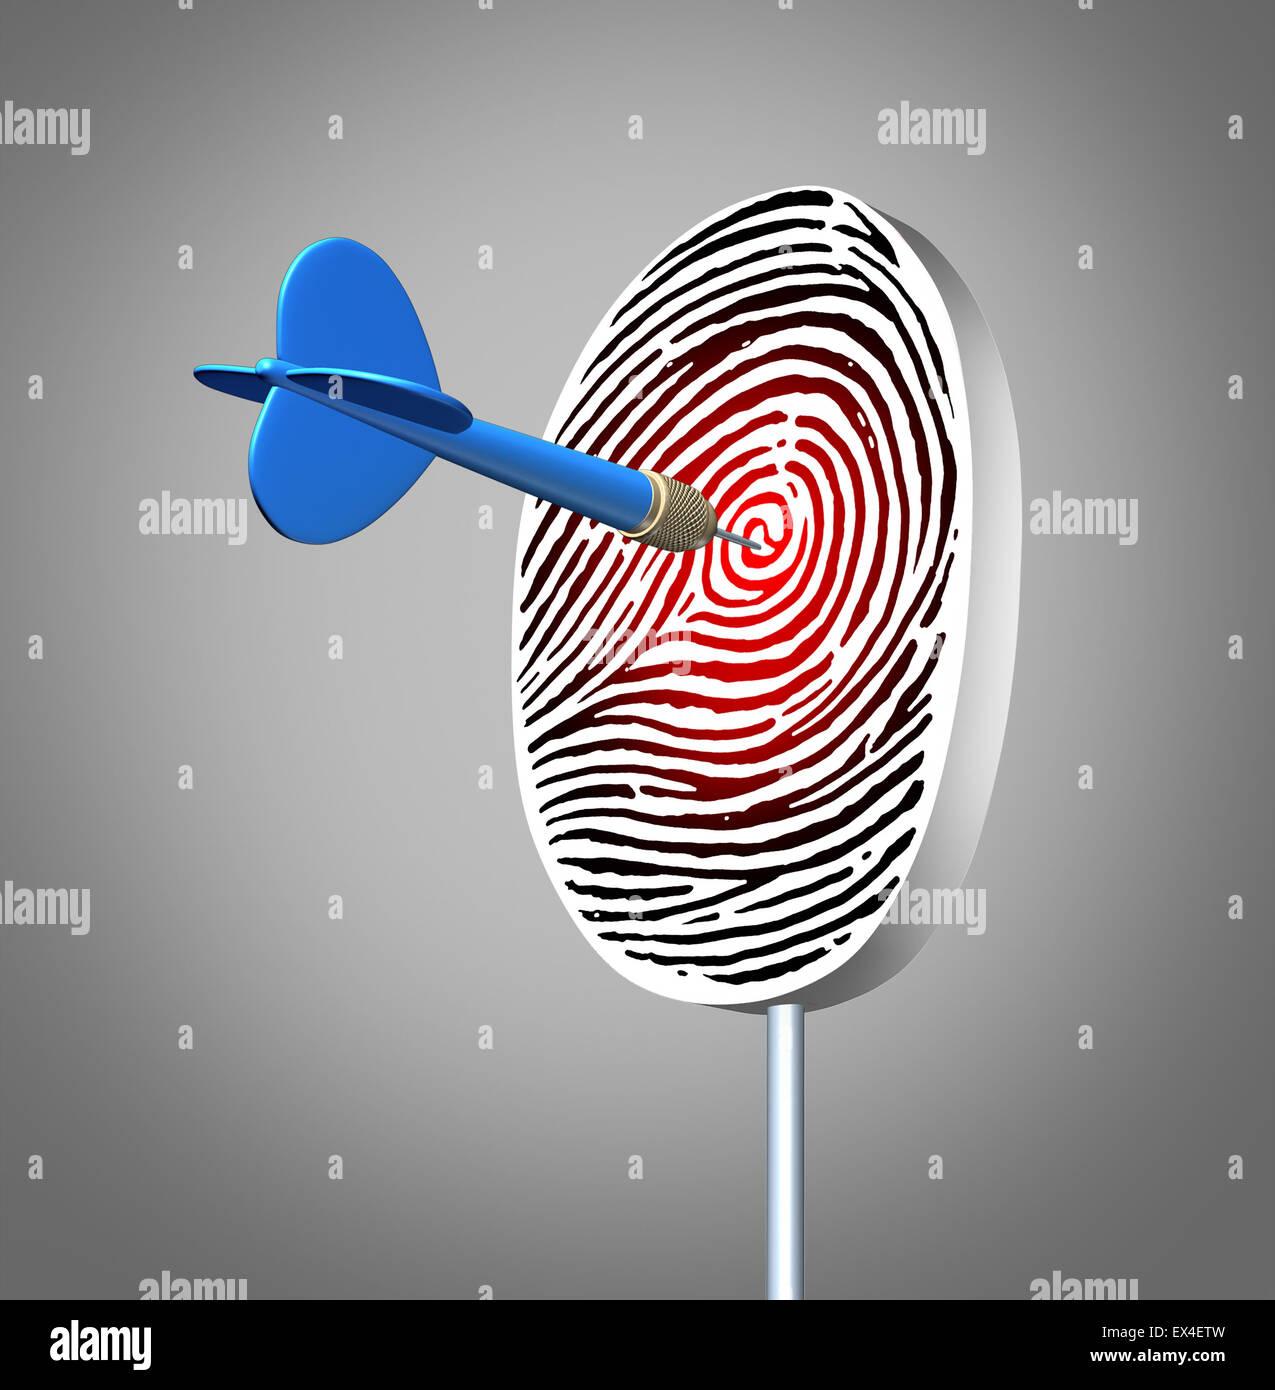 Persönliche Identifikation Konzept als eine ID Fingerabdruck oder Finger print Dartscheibe mit einem Pfeil Stockbild